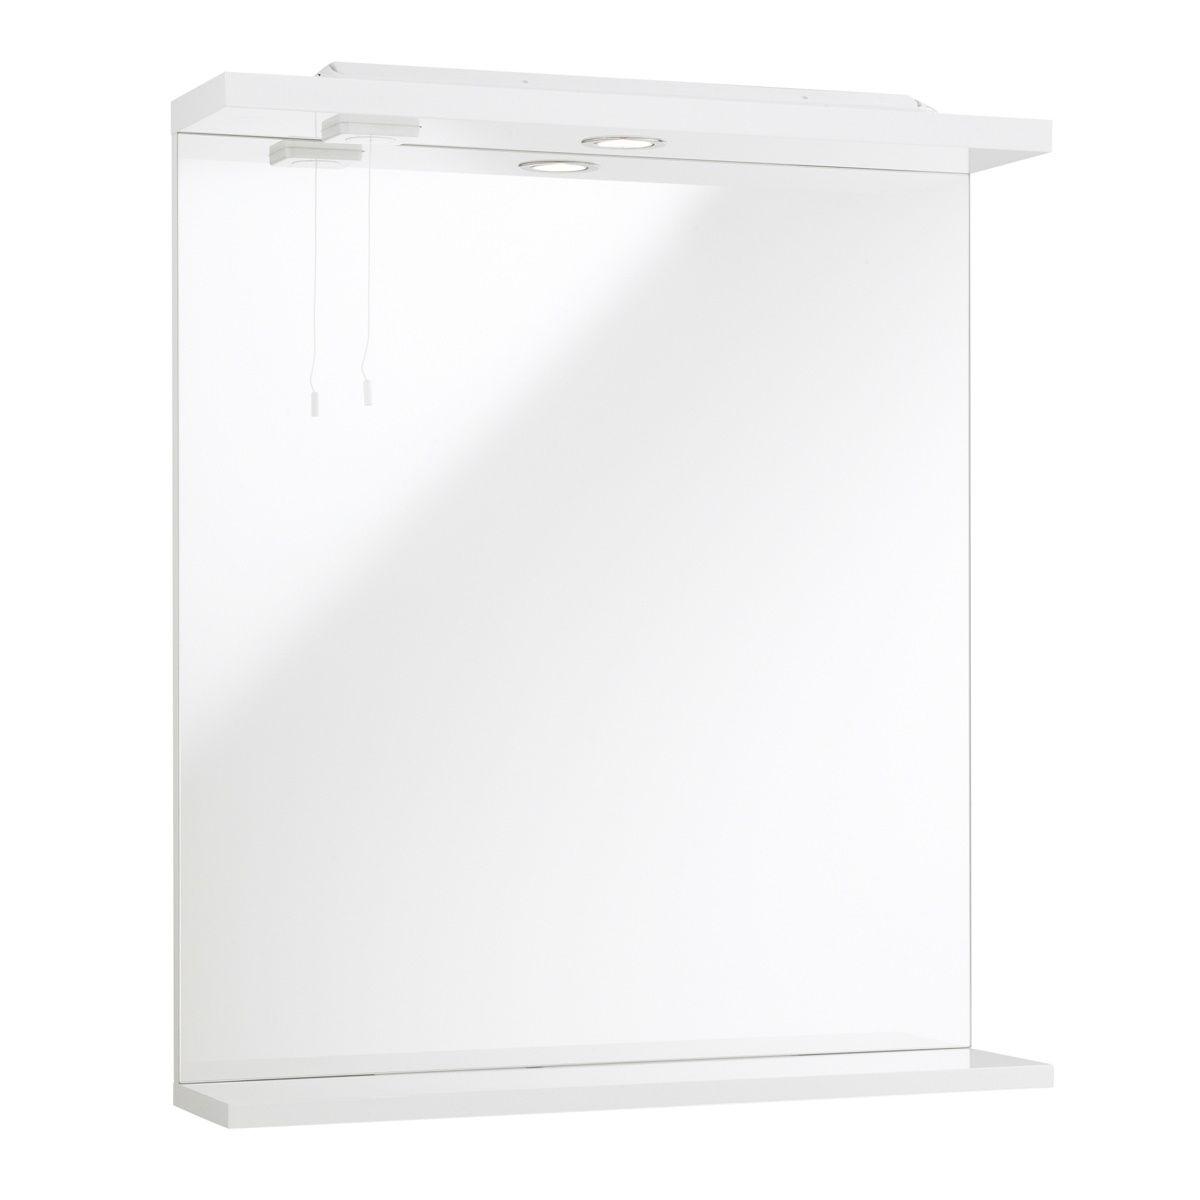 Kartell Impakt Mirror and Light 650mm